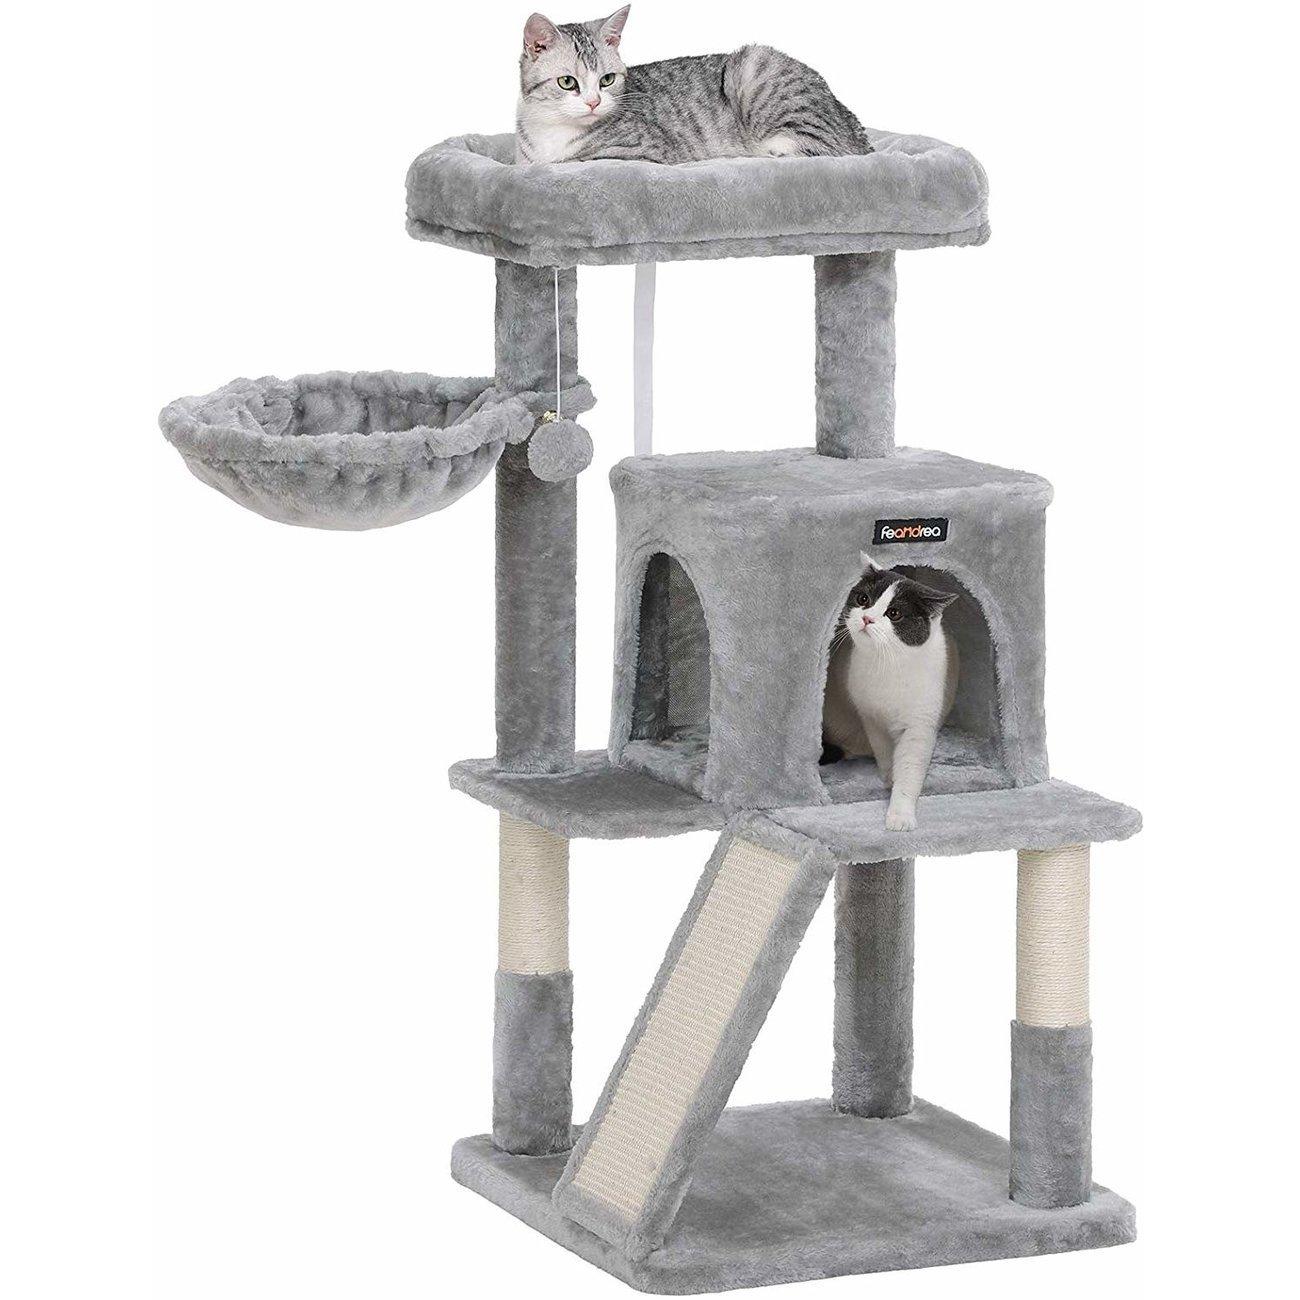 FEANDREA Katzenbaum, Kletterturm für Katzen mittel, Bild 5